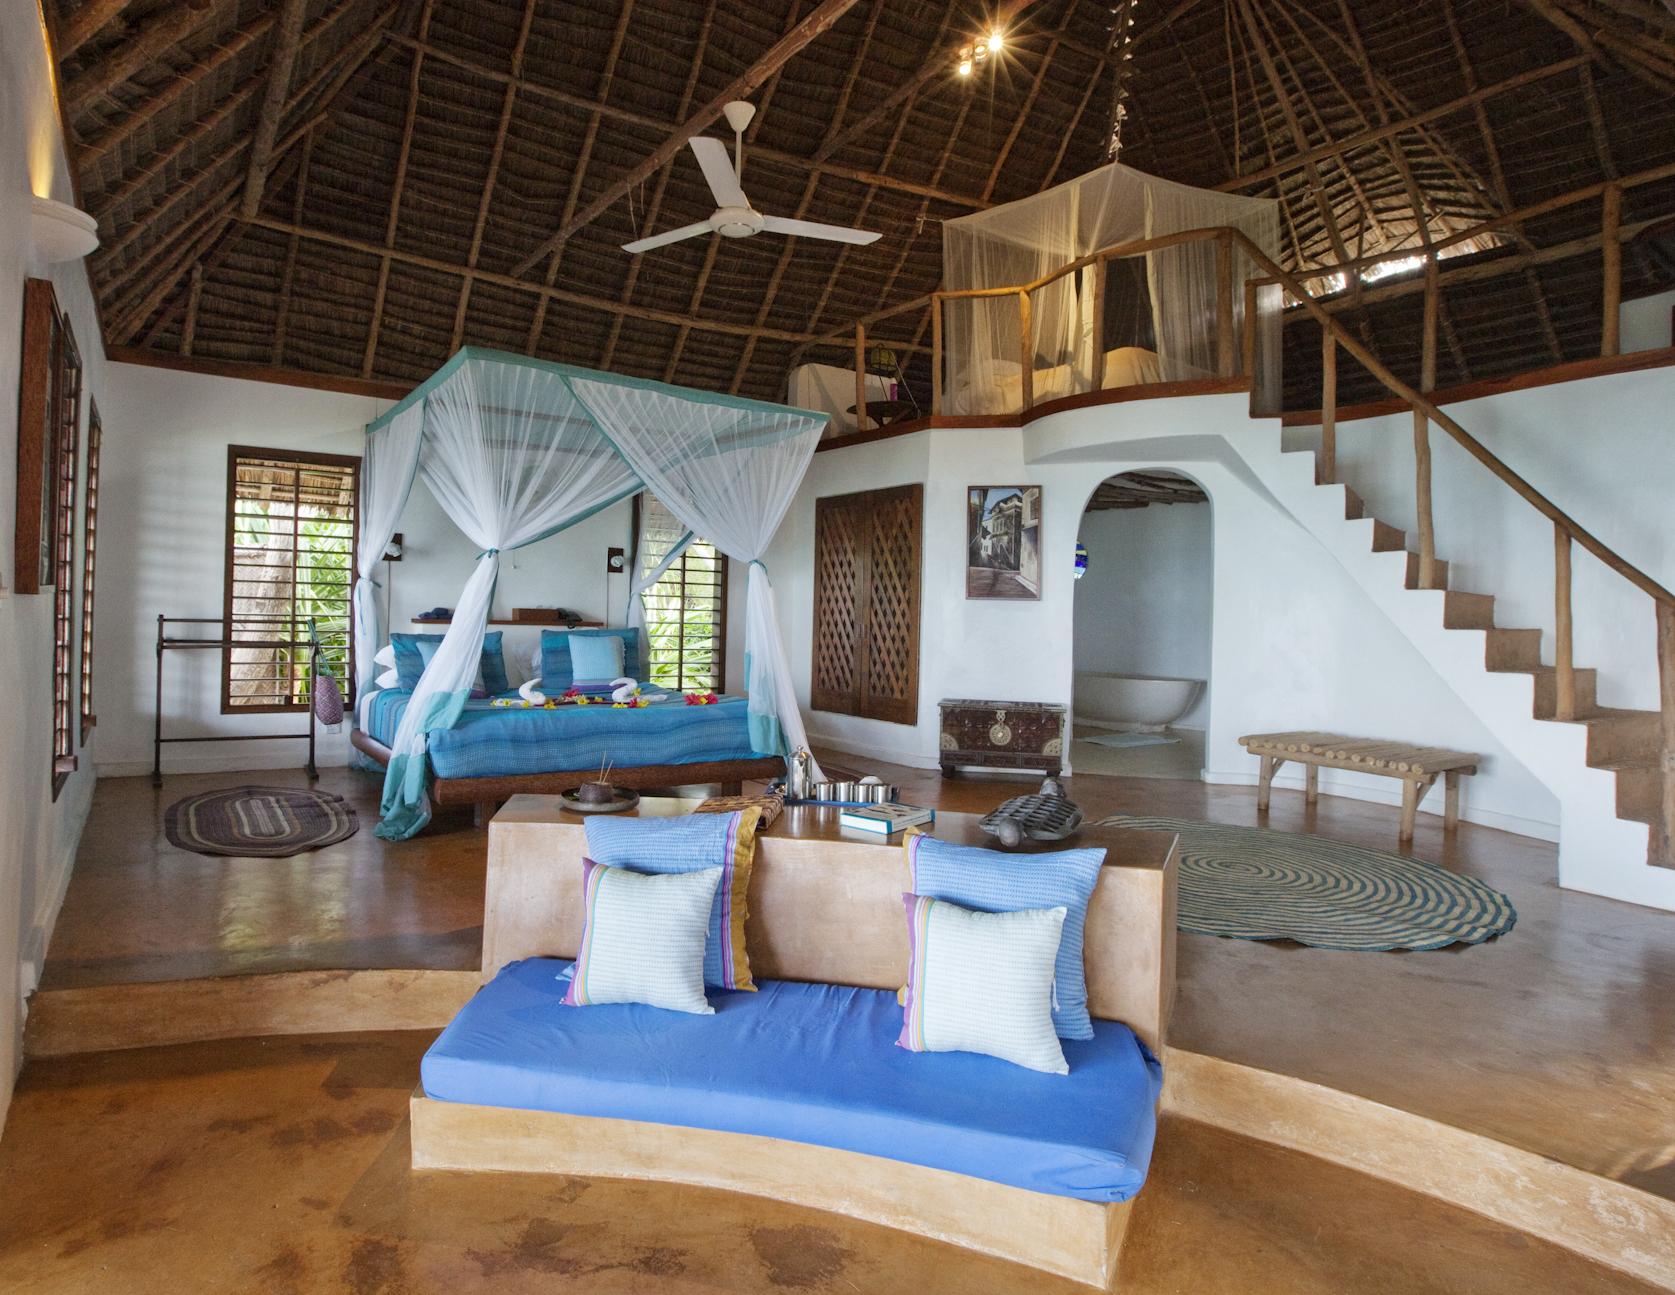 Matemwe-Lodge-Acommodation-bedroom-2012-4.jpg